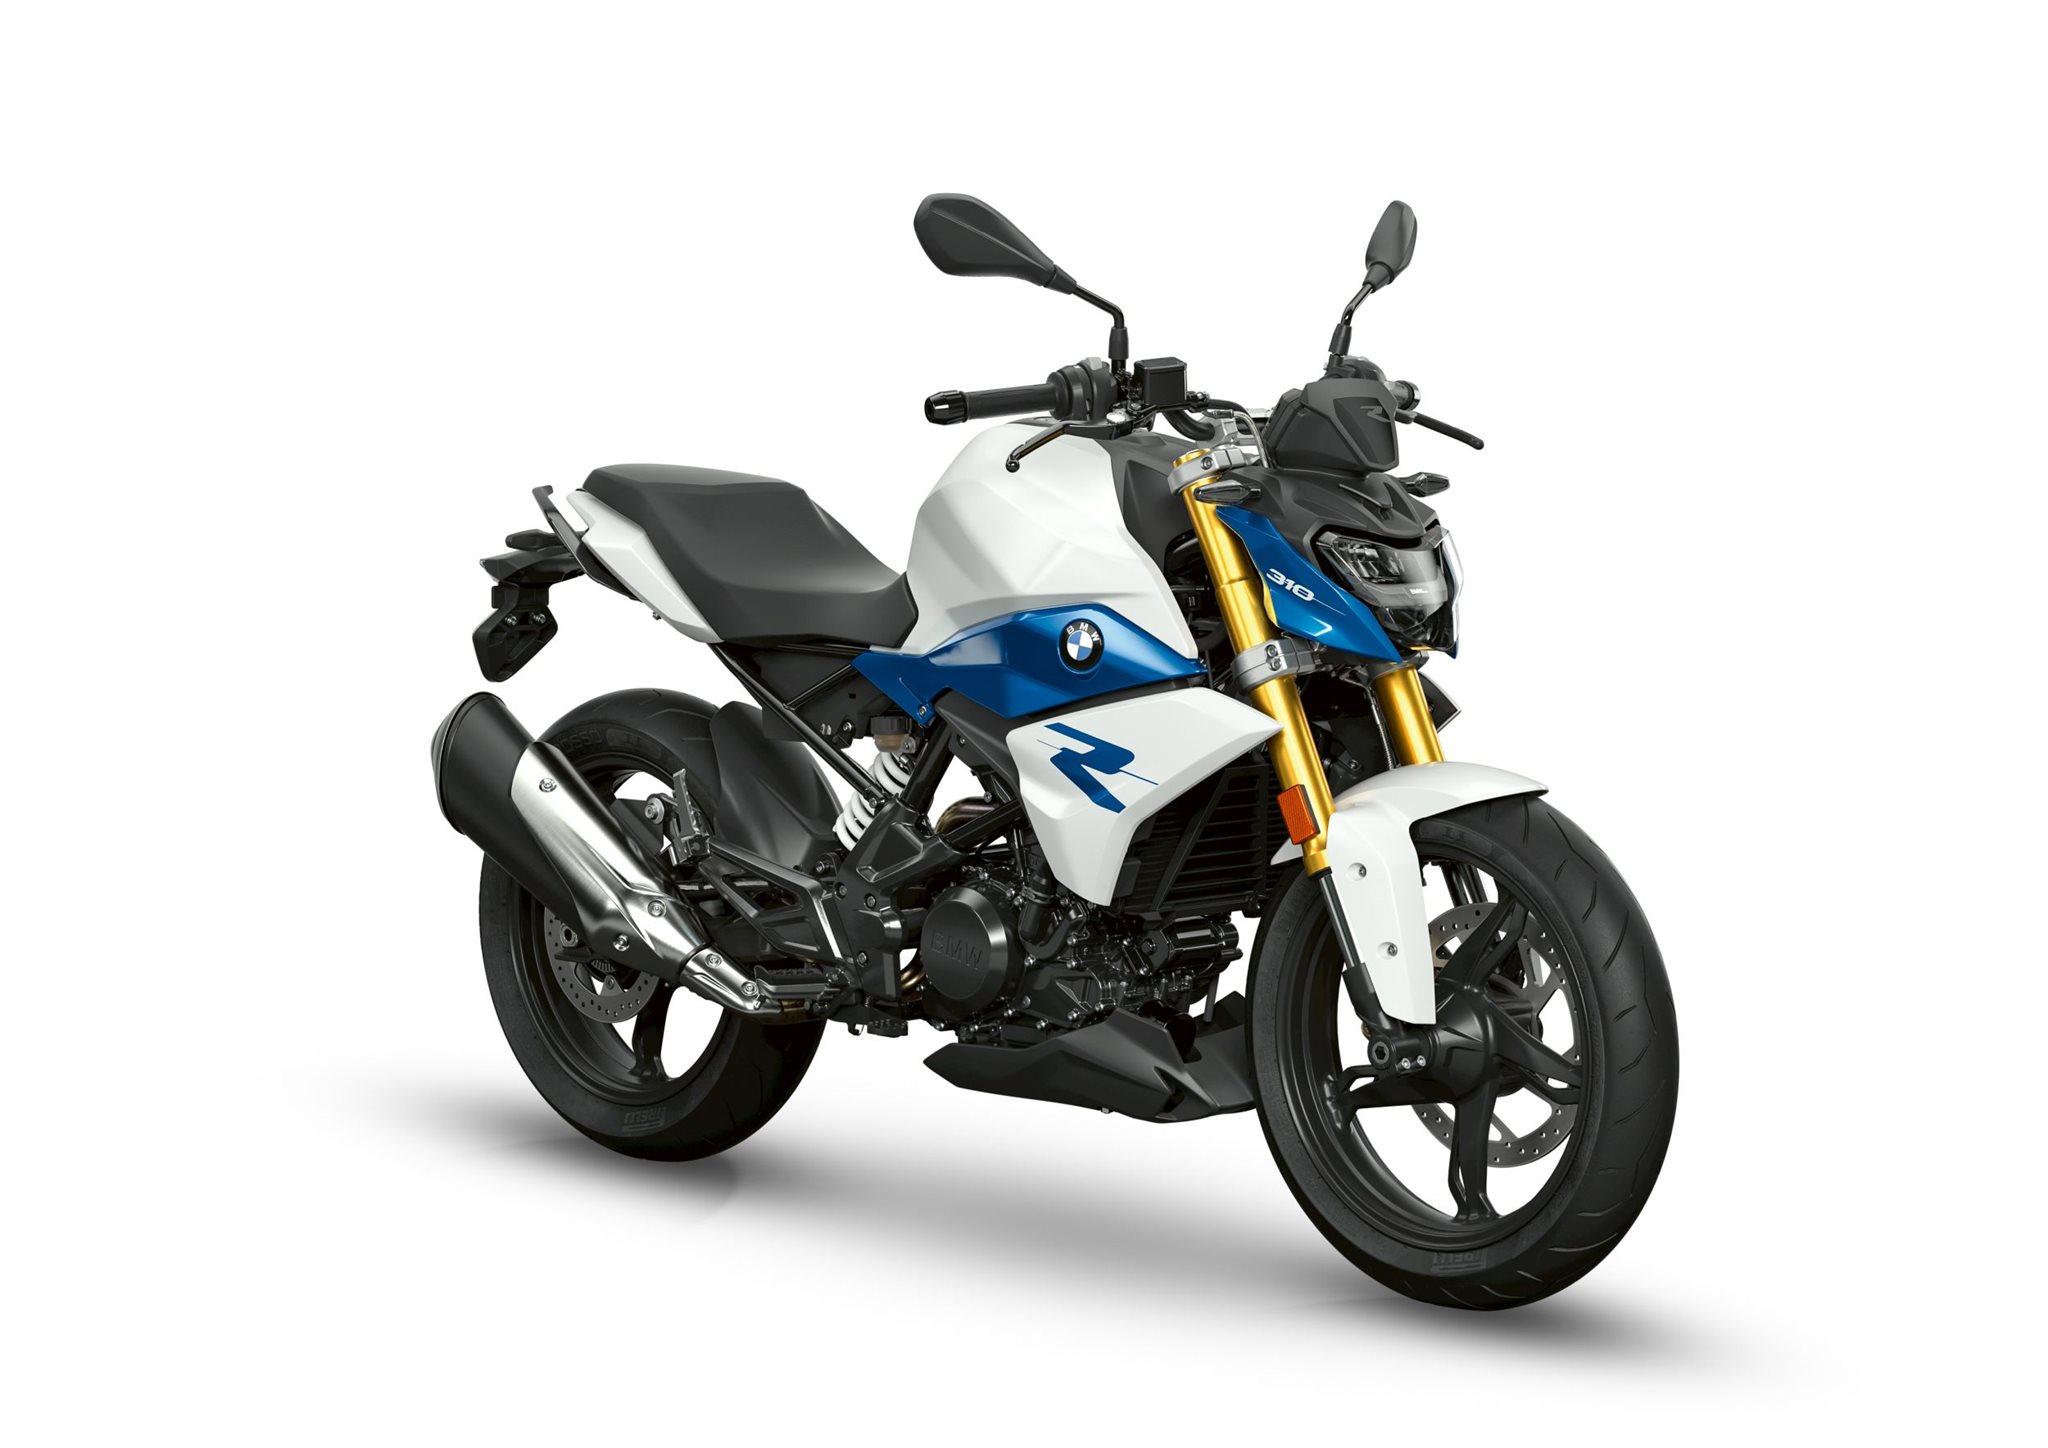 Gebrauchte Und Neue Bmw G 310 R Motorräder Kaufen